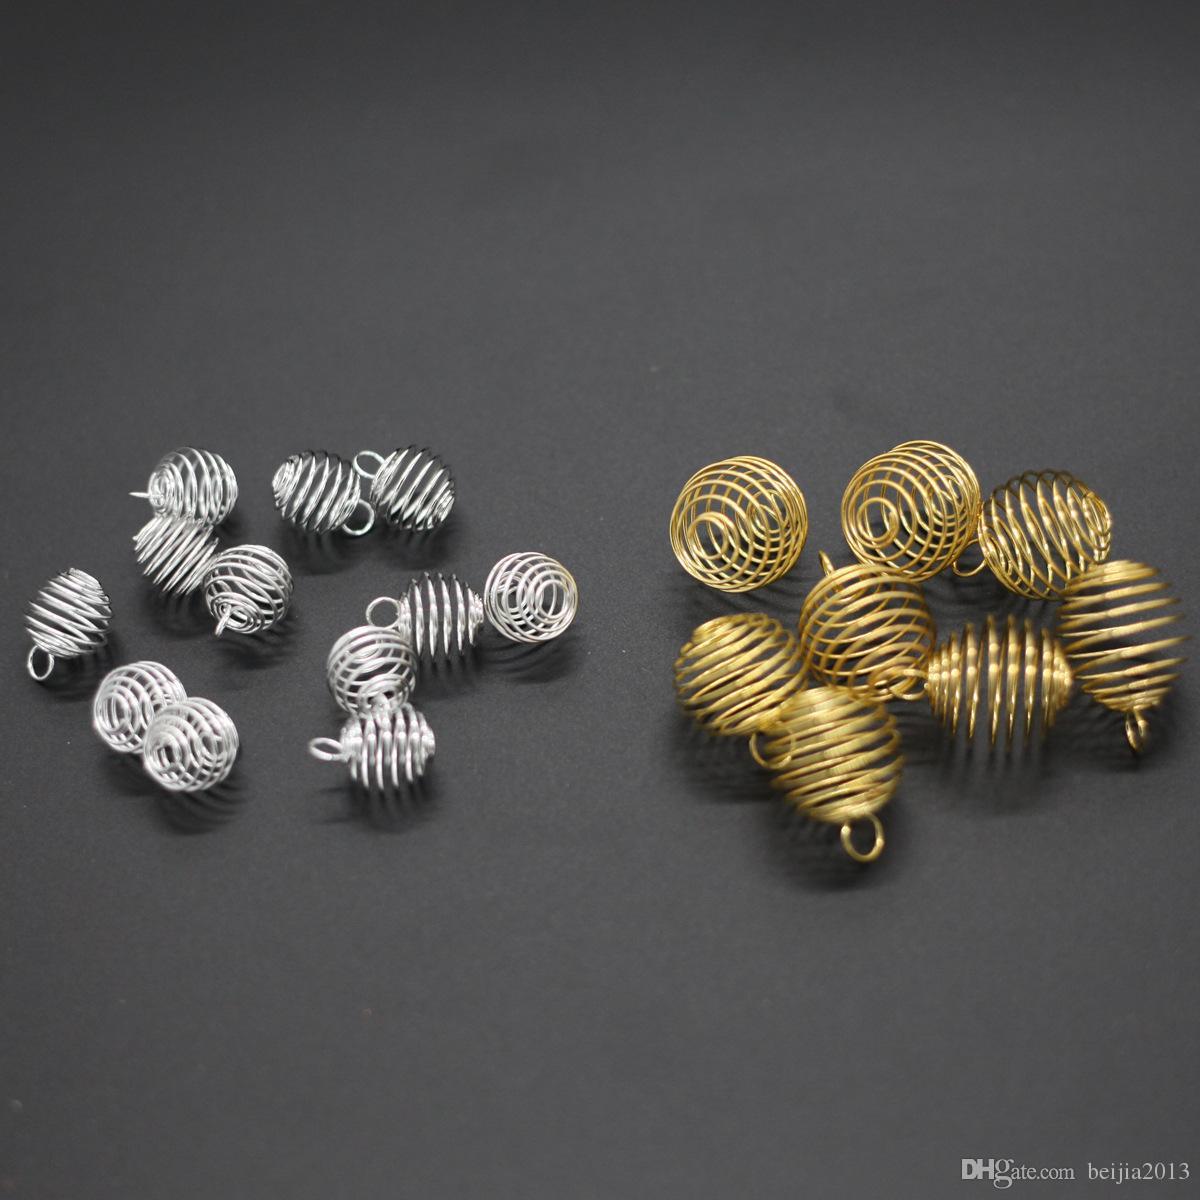 Ücretsiz Kargo 100 adet / grup Gümüş Kaplama Spiral Boncuk Kafesleri Kolye Bulguları 9x13mm Takı Bulguları Yeni Takı yapımı DIY